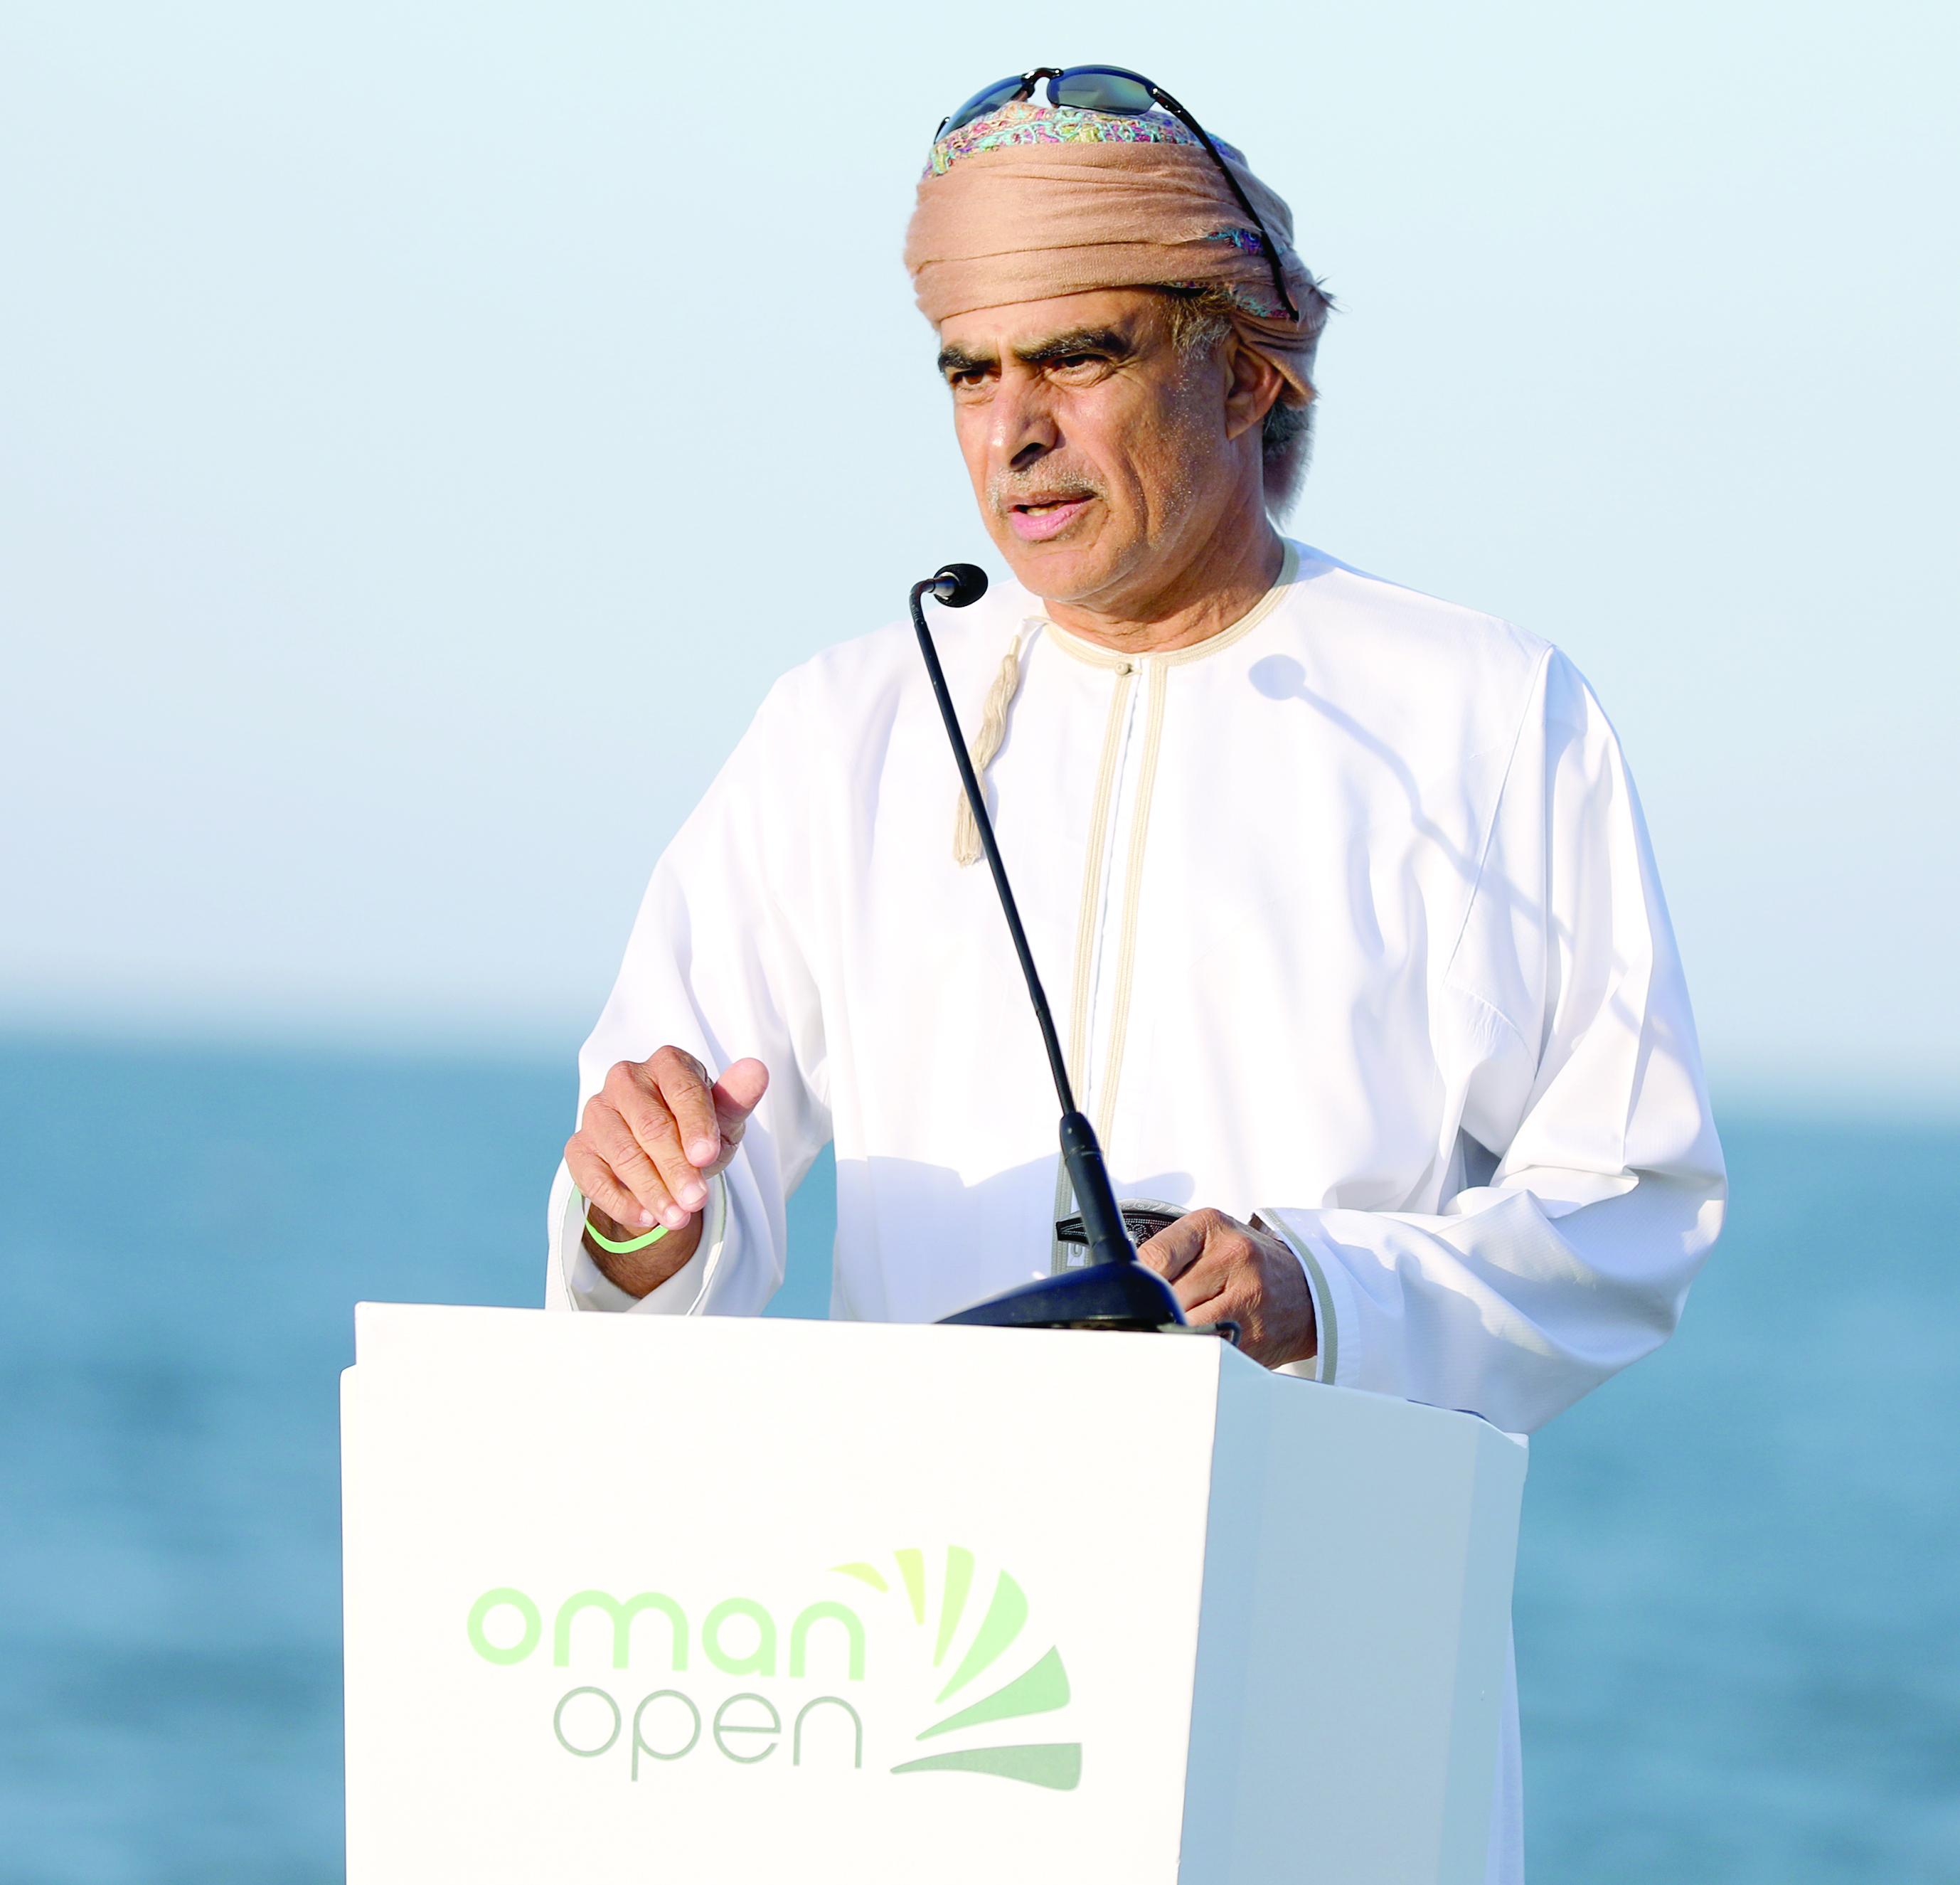 برعاية تيمور بن أسعدالأمريكي كورت يتوج بلقب«عمان لمحترفي الجولف»